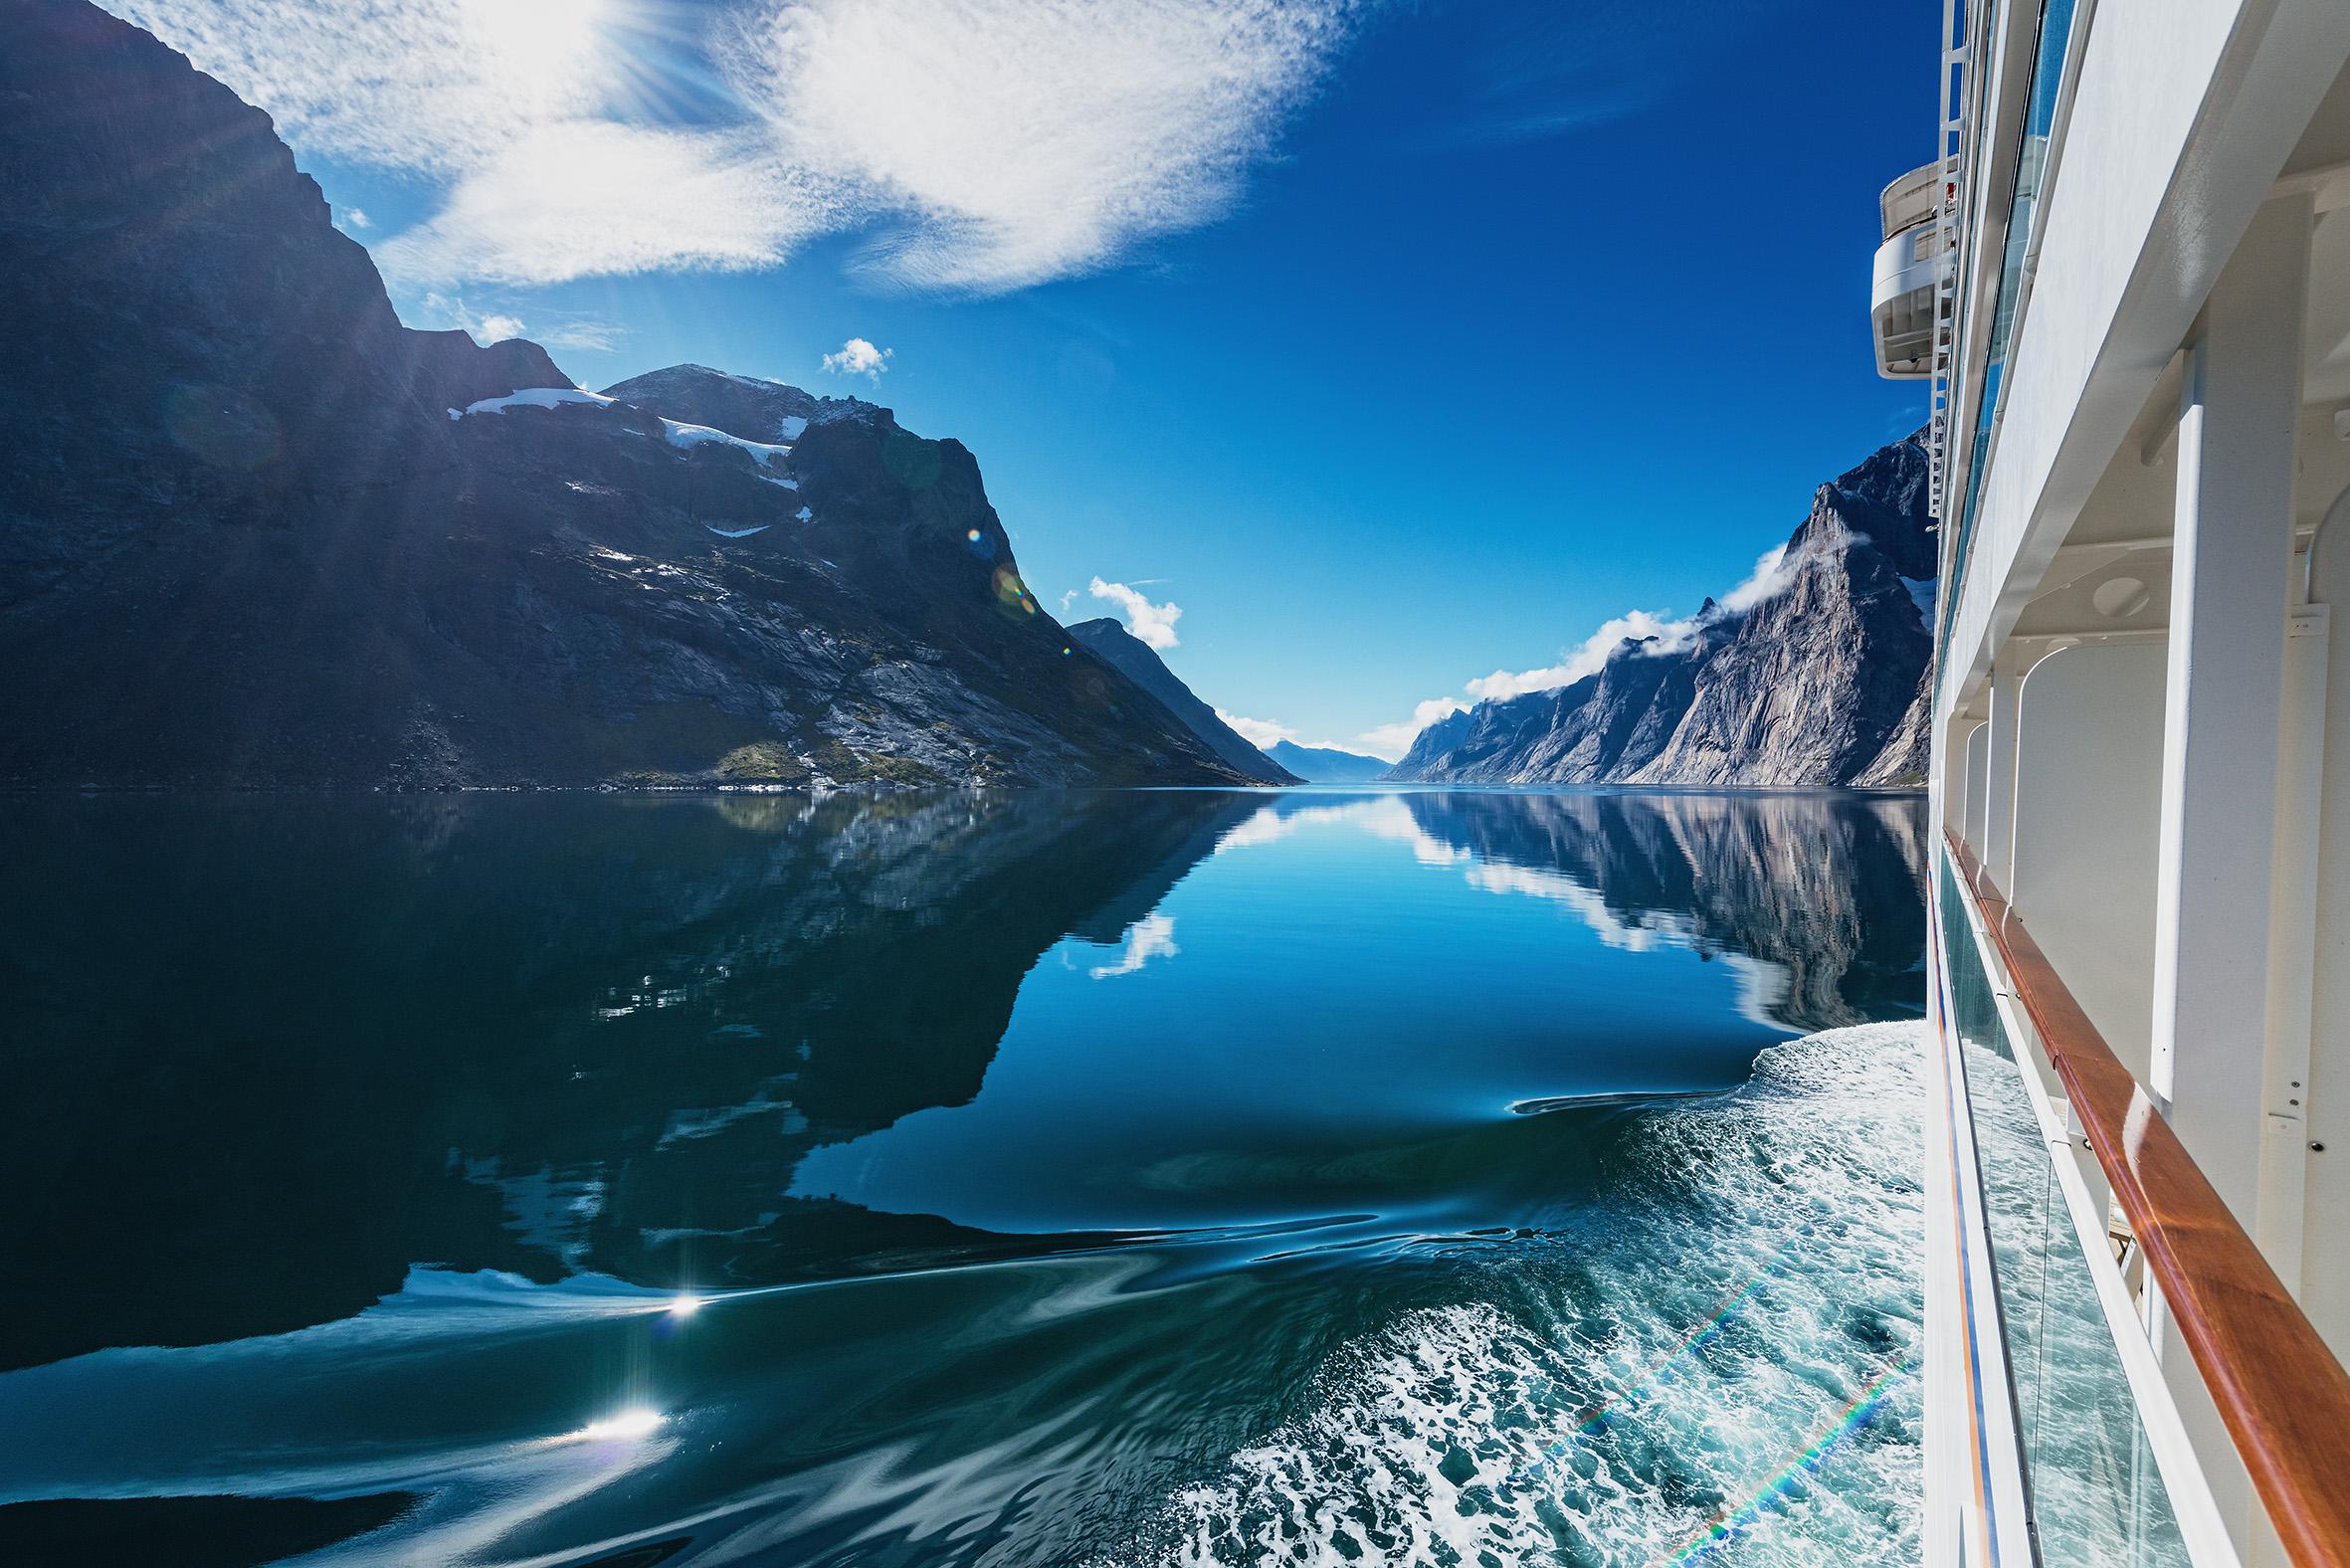 Story: Cruise Ship Europa 2: Luxury on ice